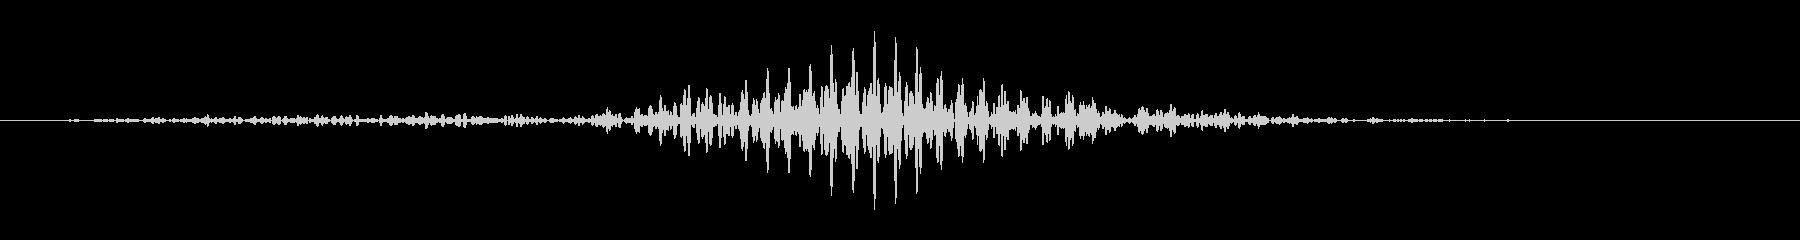 は!(レトロゲーム音質の格闘声)の未再生の波形